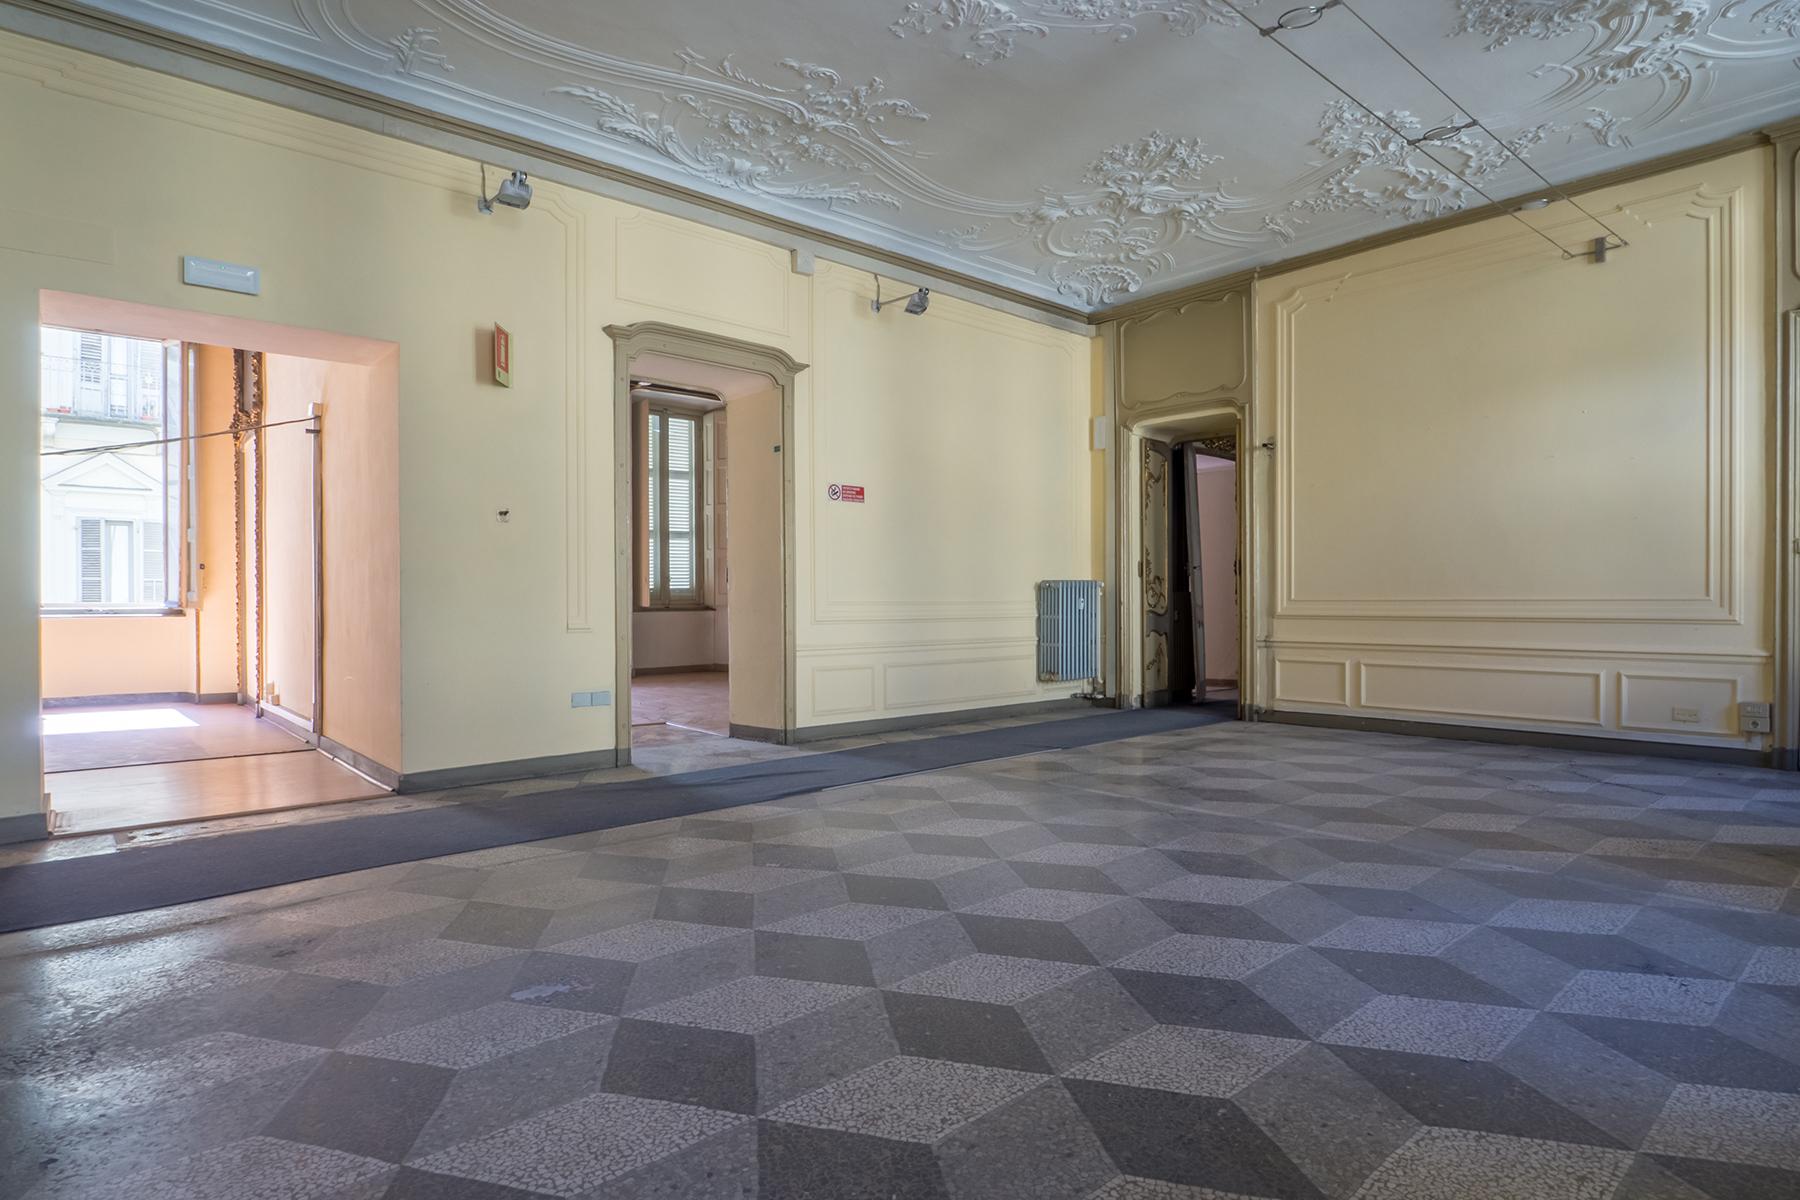 Ufficio-studio in Affitto a Torino: 5 locali, 337 mq - Foto 9